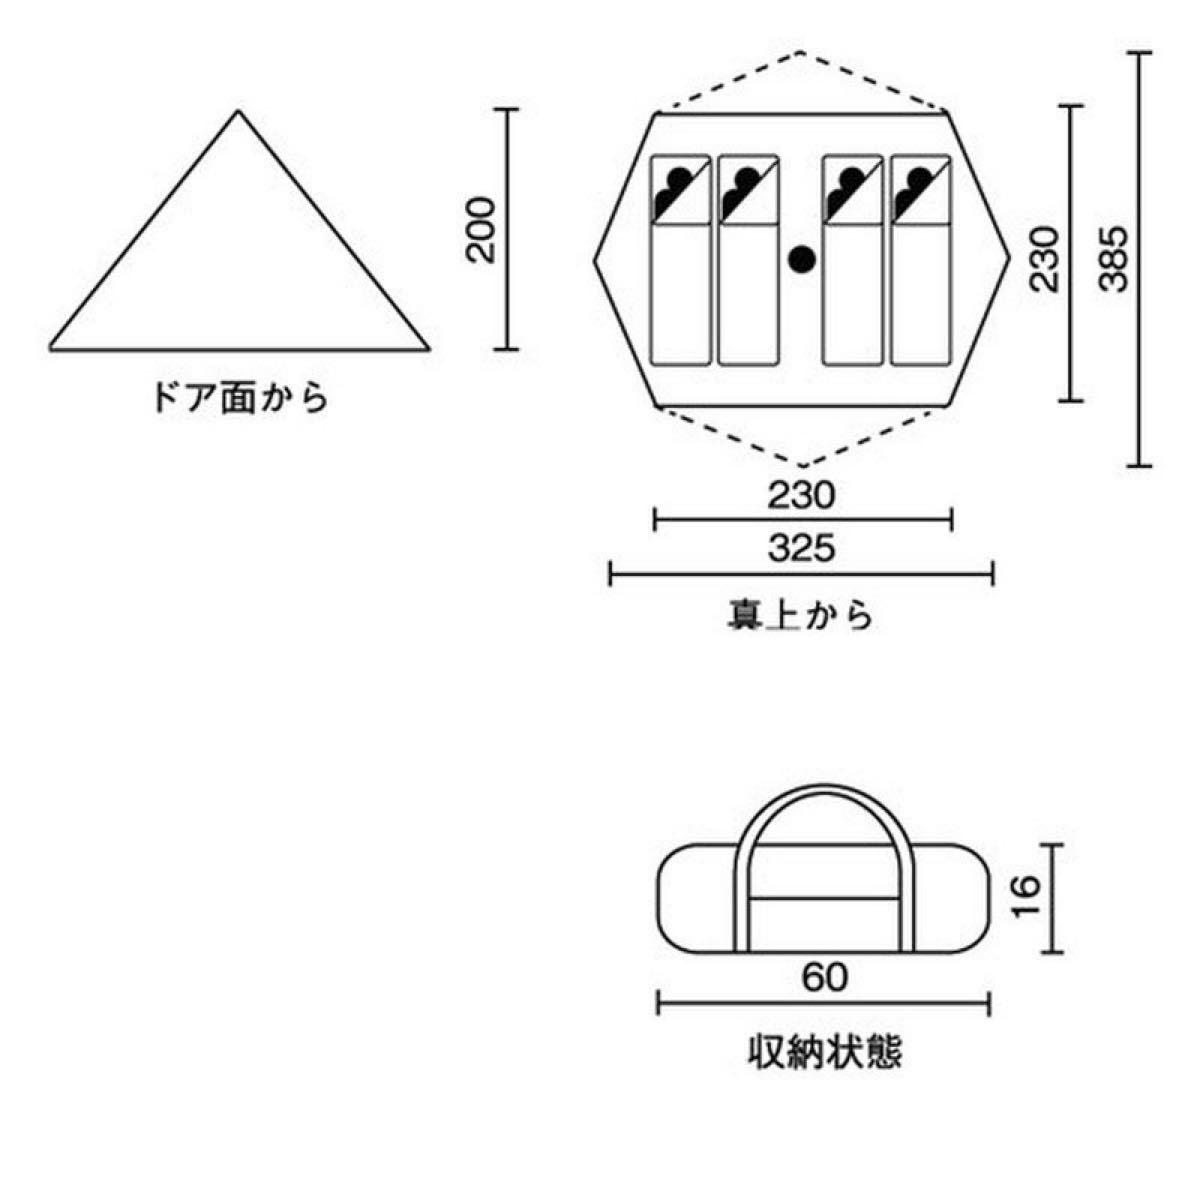 テント コールマン(Coleman) 限定カラー エクスカーションティピー/325スタートパッケージ ベージュ